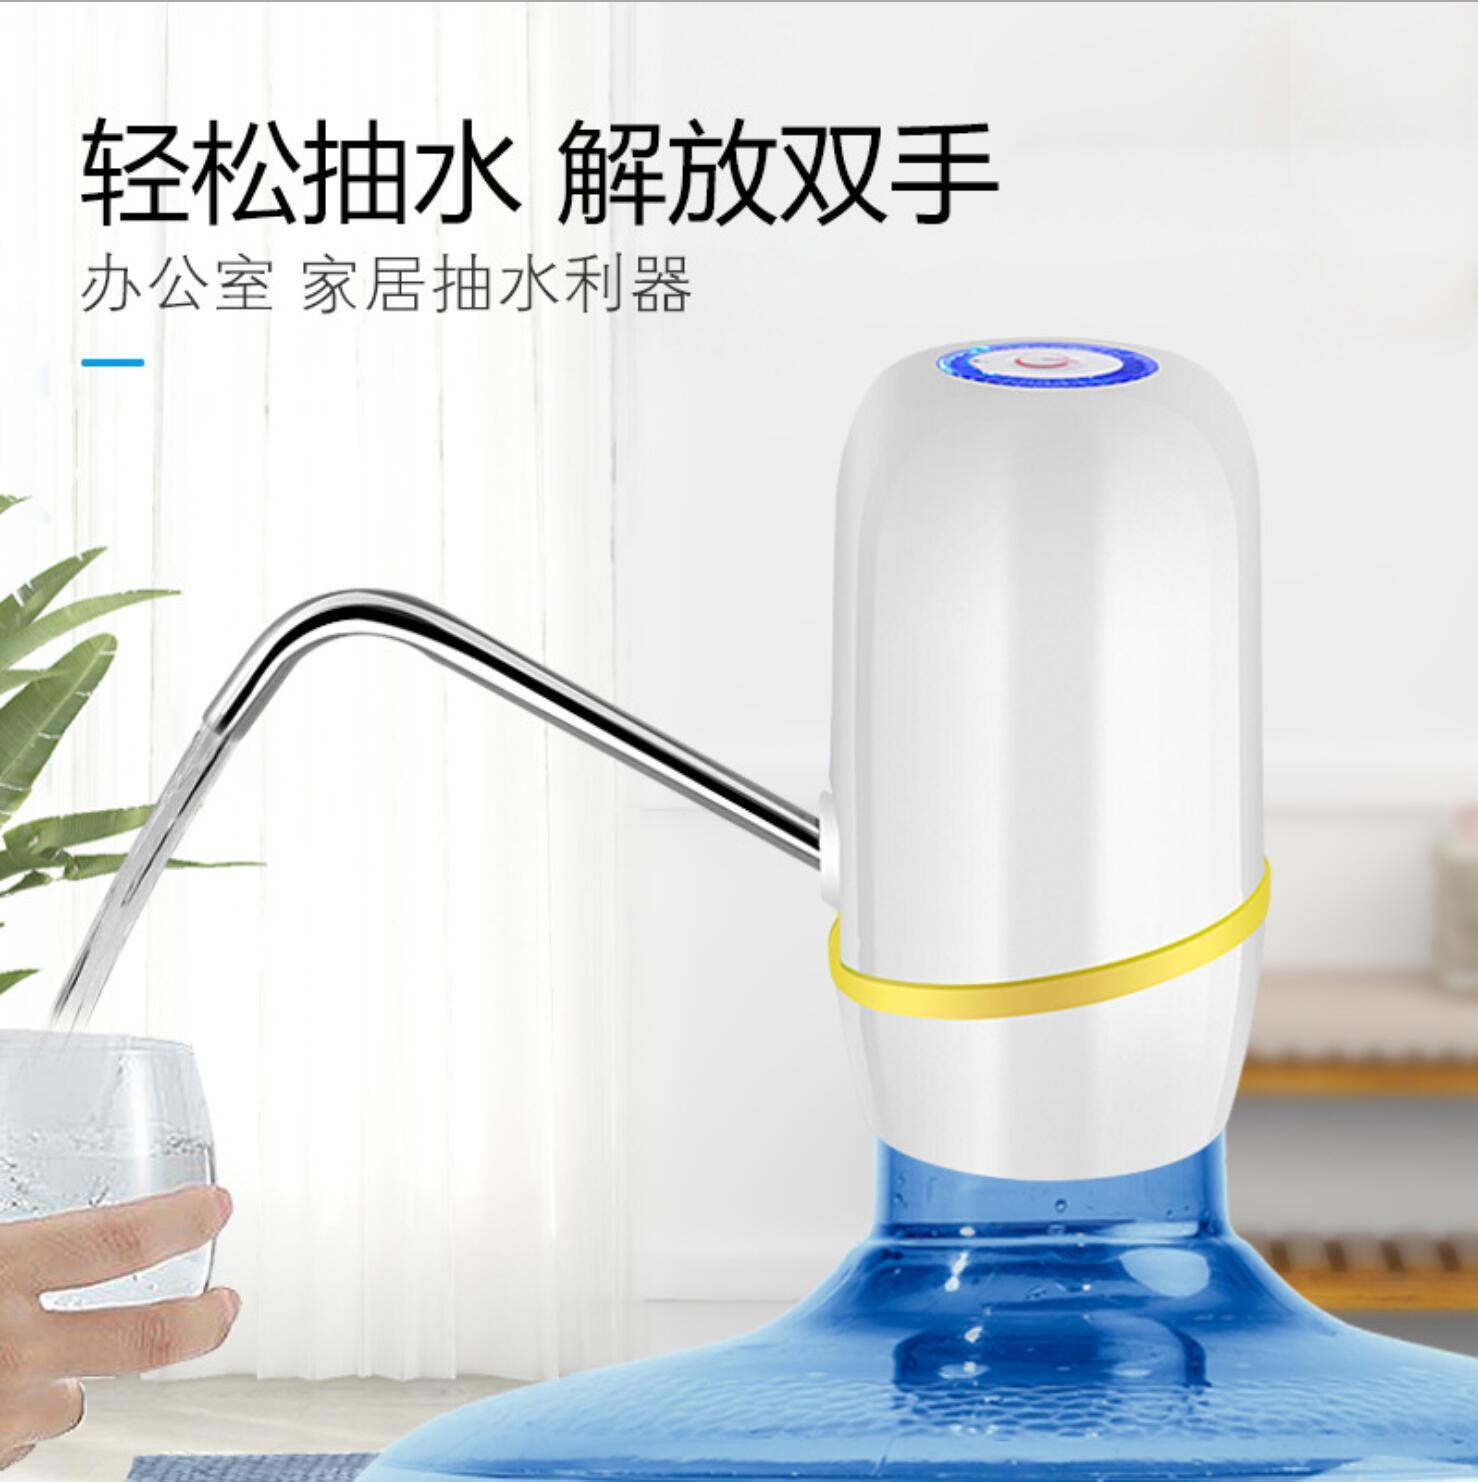 桶装水抽水器出水大家用饮水机电动抽水纯净水压水器 5